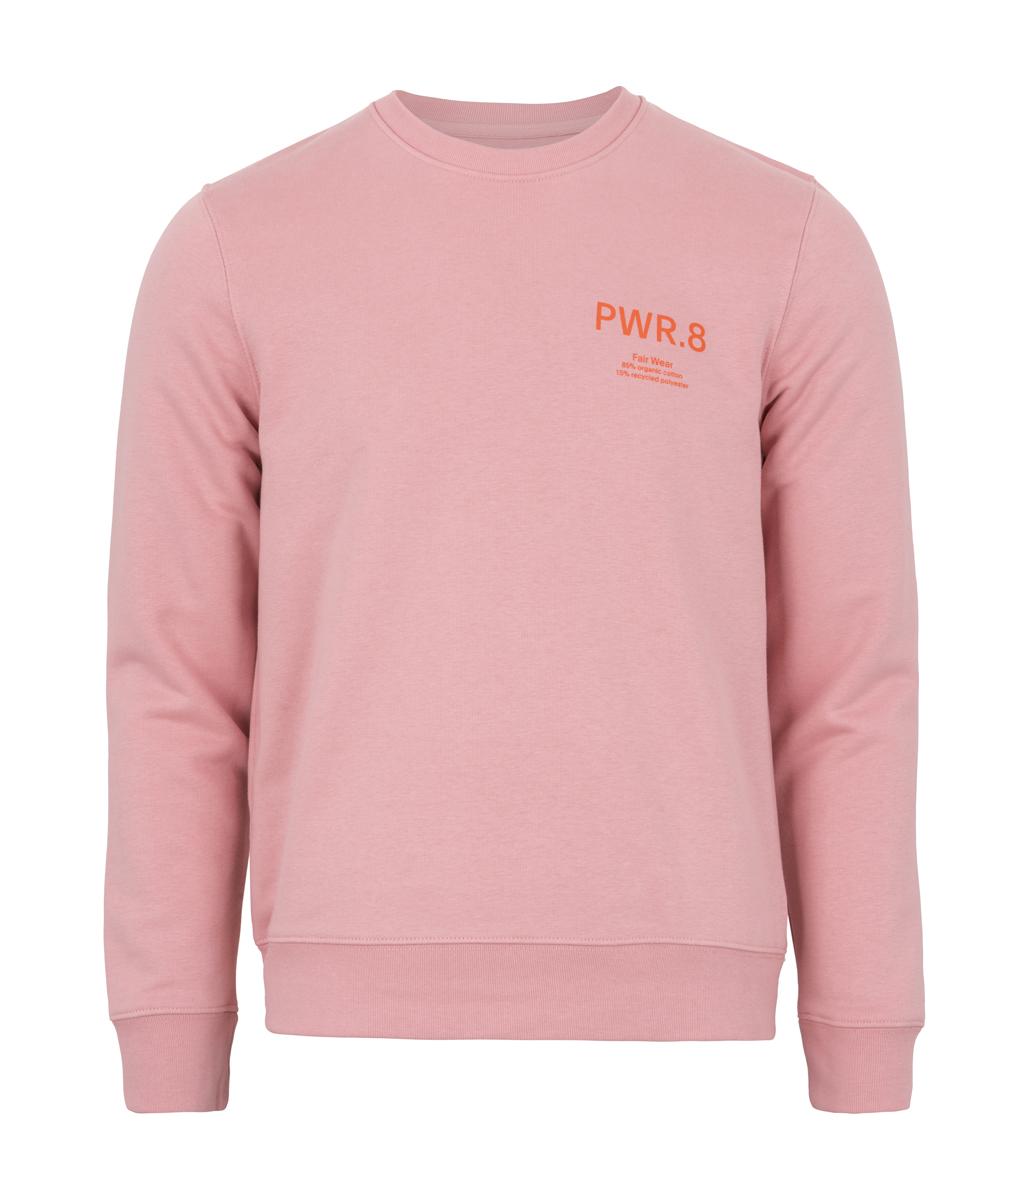 Pwr8_023